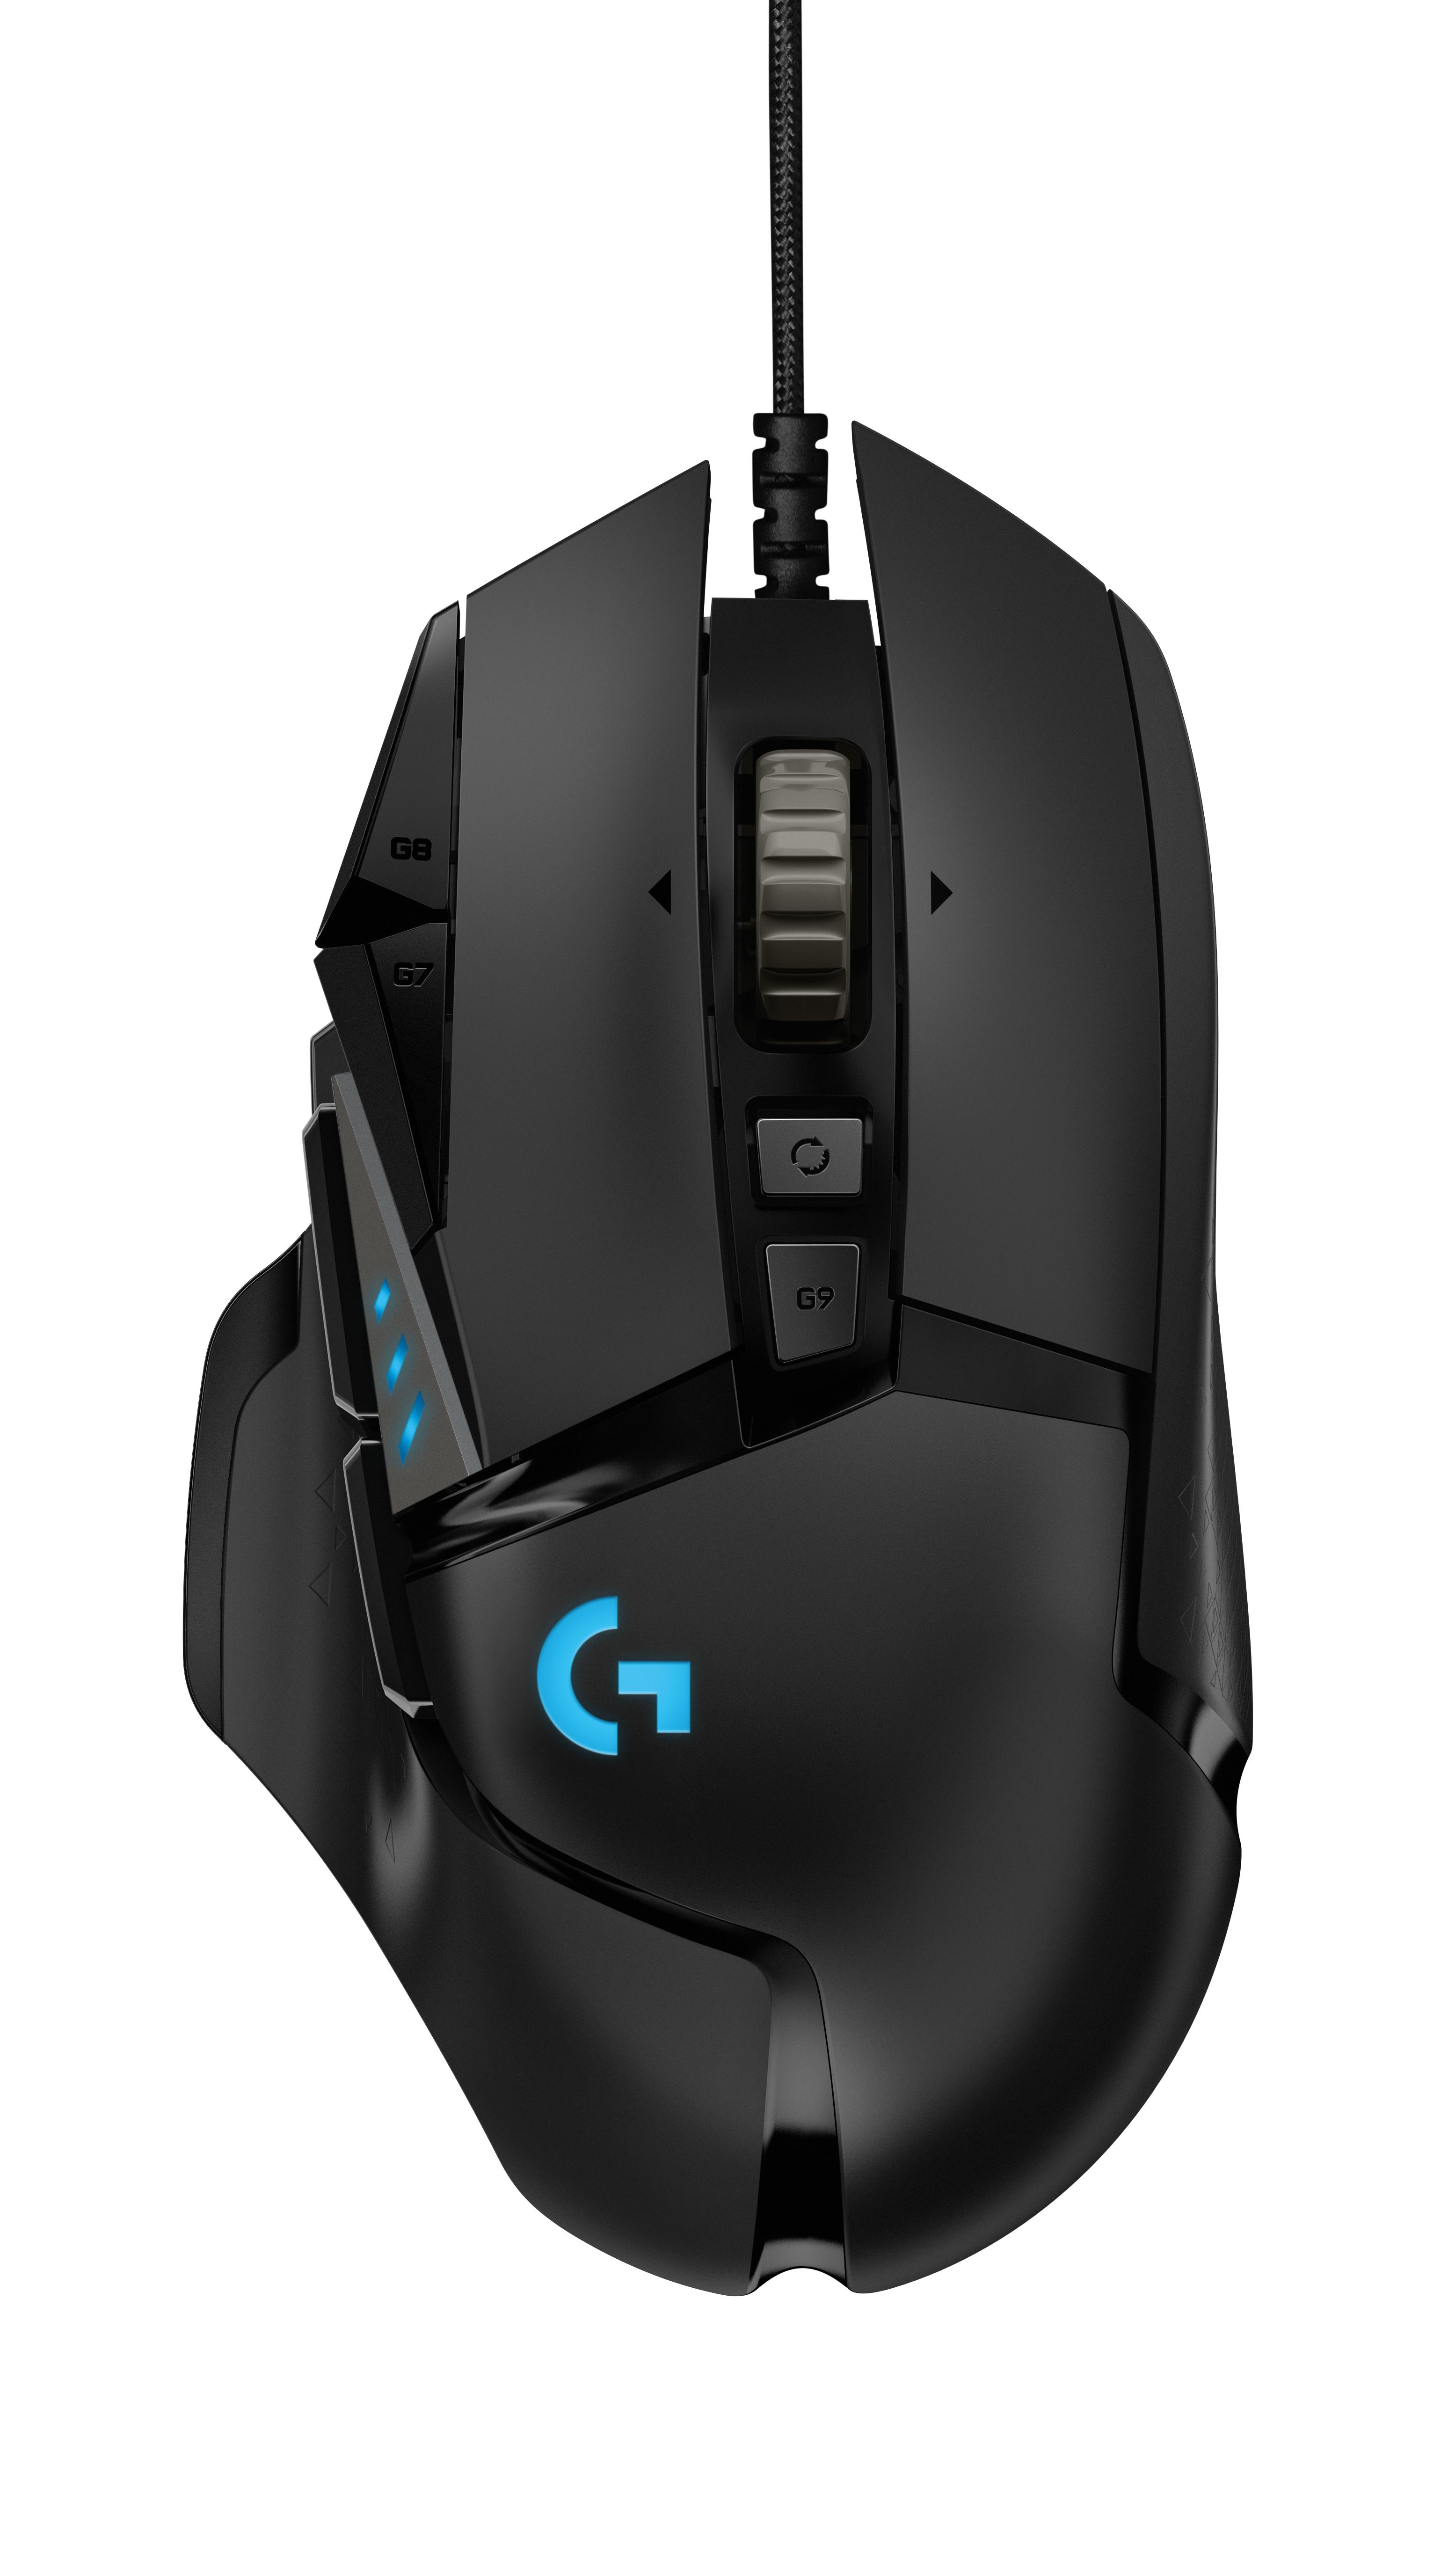 a1b948a48c7 Award-Winning Logitech G502 Gaming Mouse Gets an Upgrade | Logitech ...